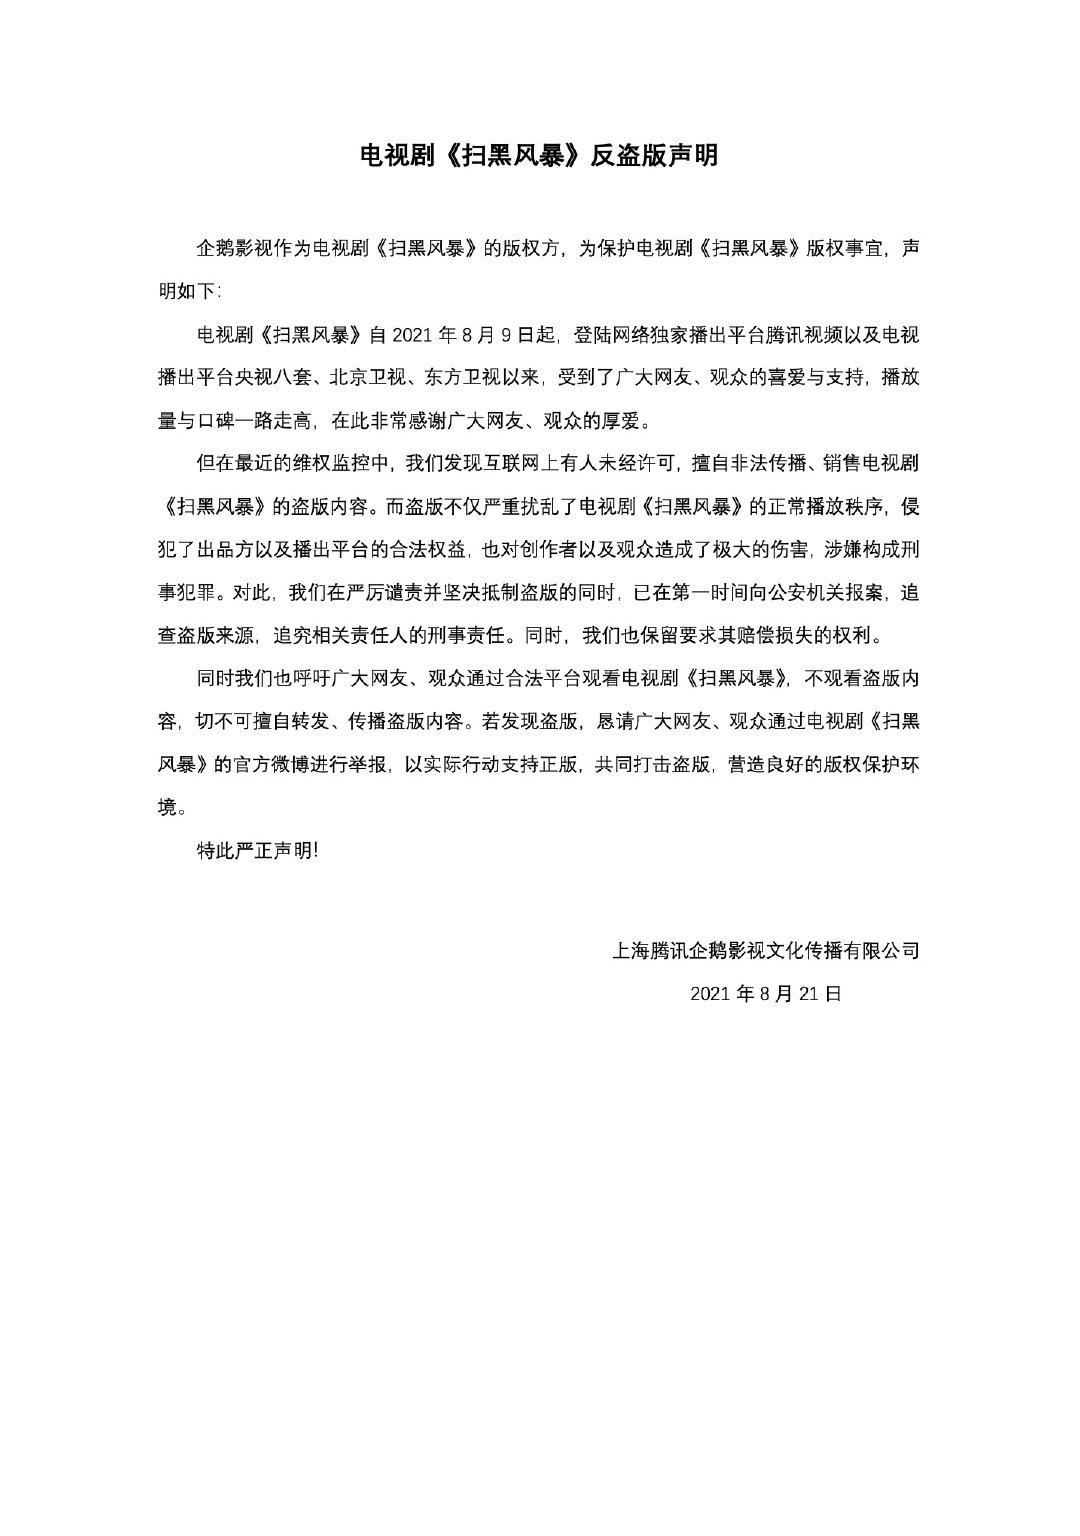 《扫黑风暴》送审样片全27集泄露,官方发布反盗版声明-福利巴士